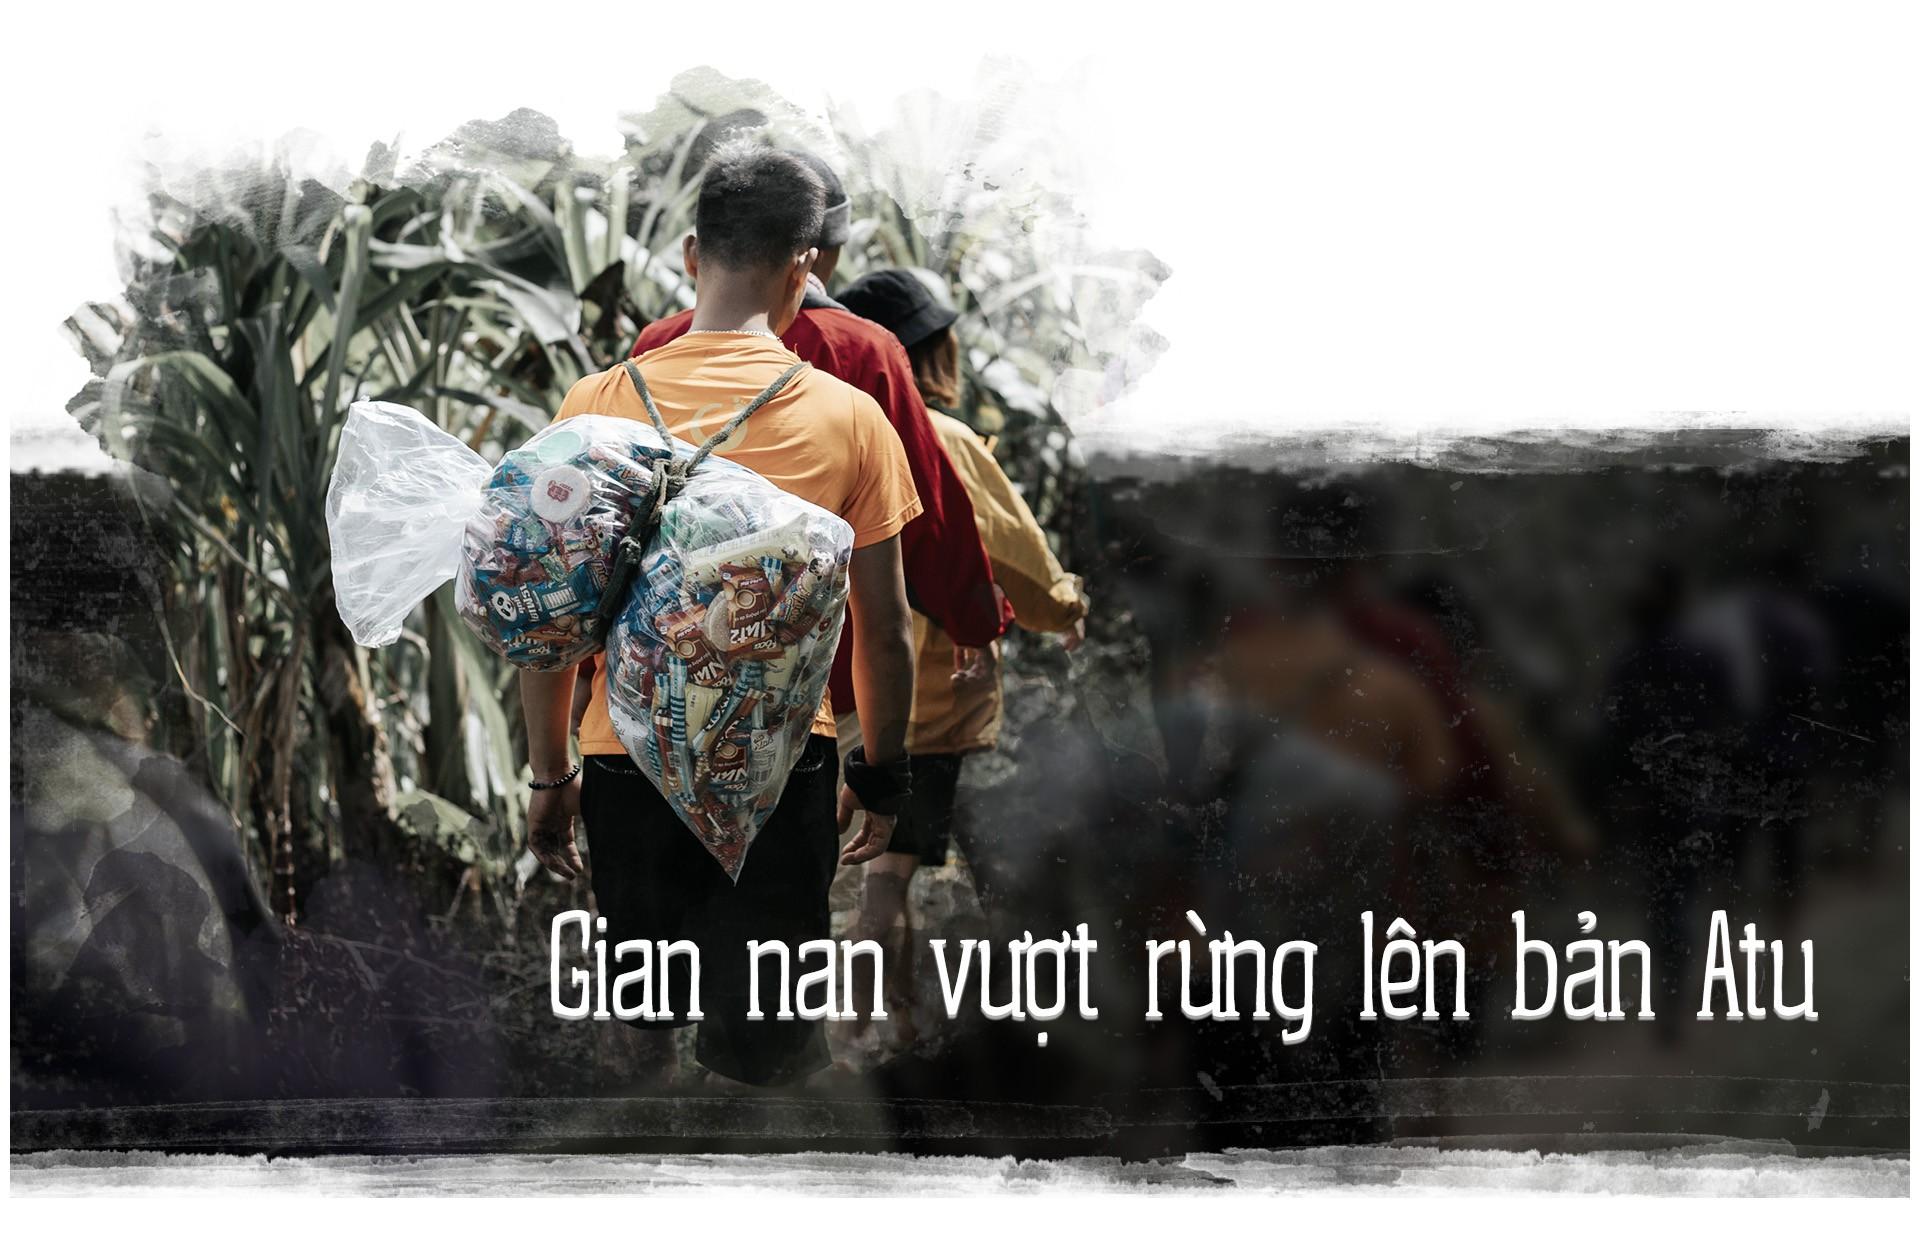 Hành trình cõng gạo cứu đói ở vùng biên của 70 người trẻ - Ảnh 2.